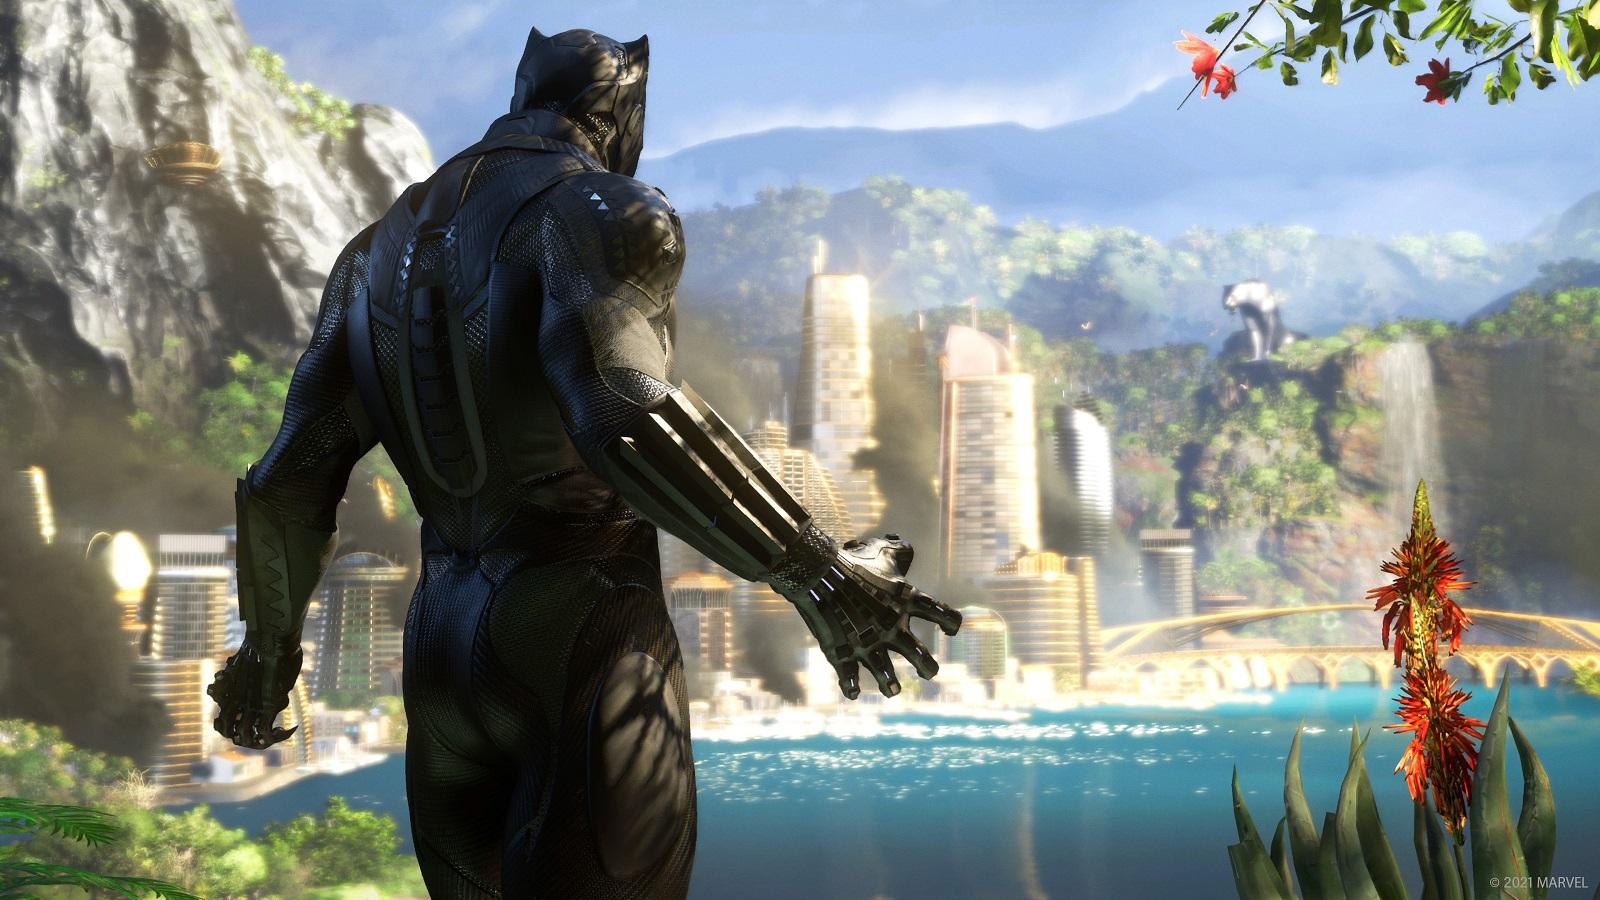 Marvels Avengers вышла на консолях текущего поколения, а до конца года в игре появится Чёрная пантера и не только